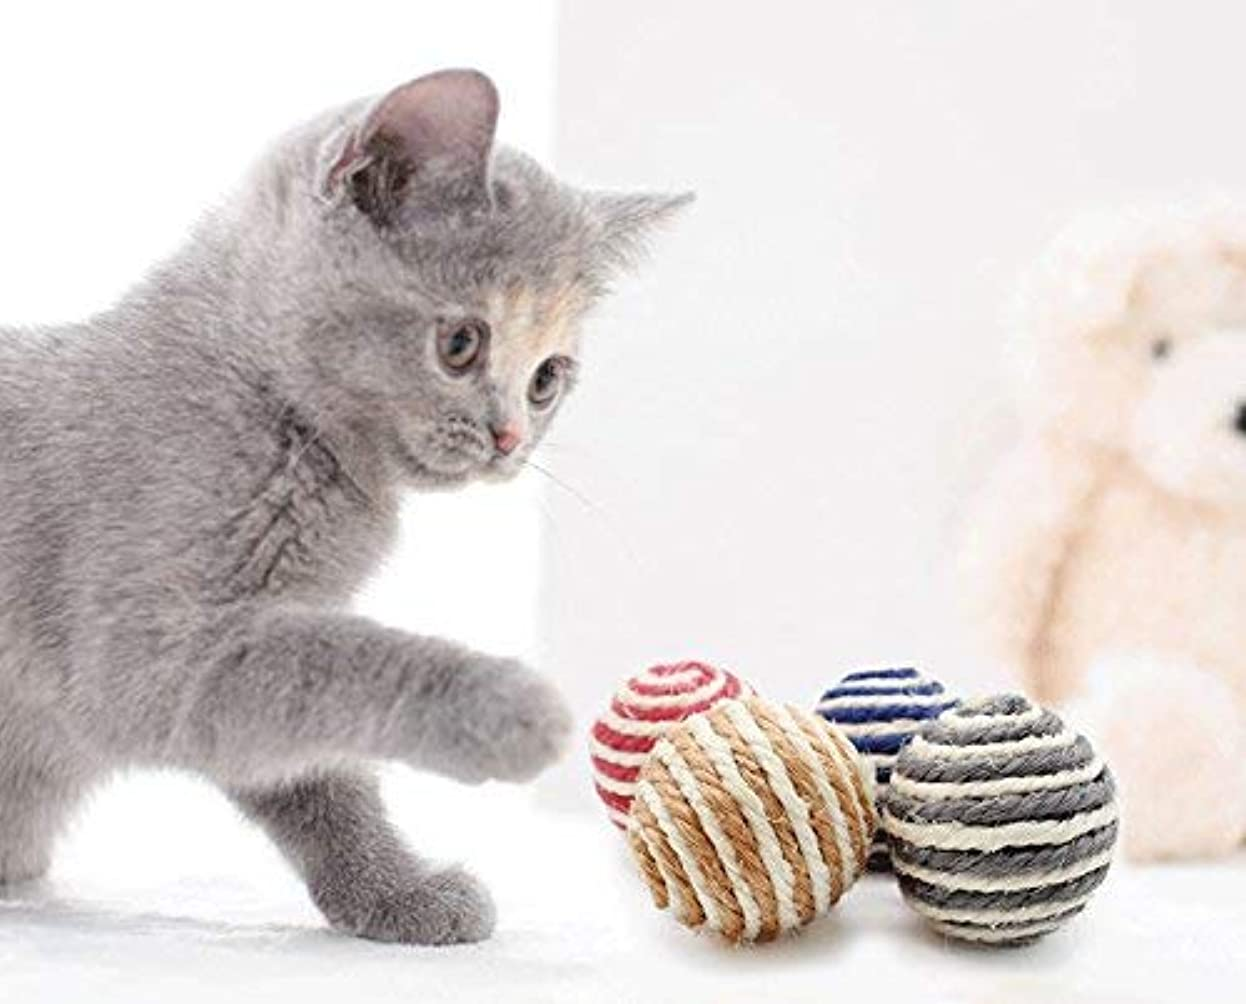 顧問下位読書をするペットおもちゃ おやつボール かわいい 猫用 ネズミ型 エサ入れ 知育玩具 丈夫耐久性 運動不足解消 (ホワイト)